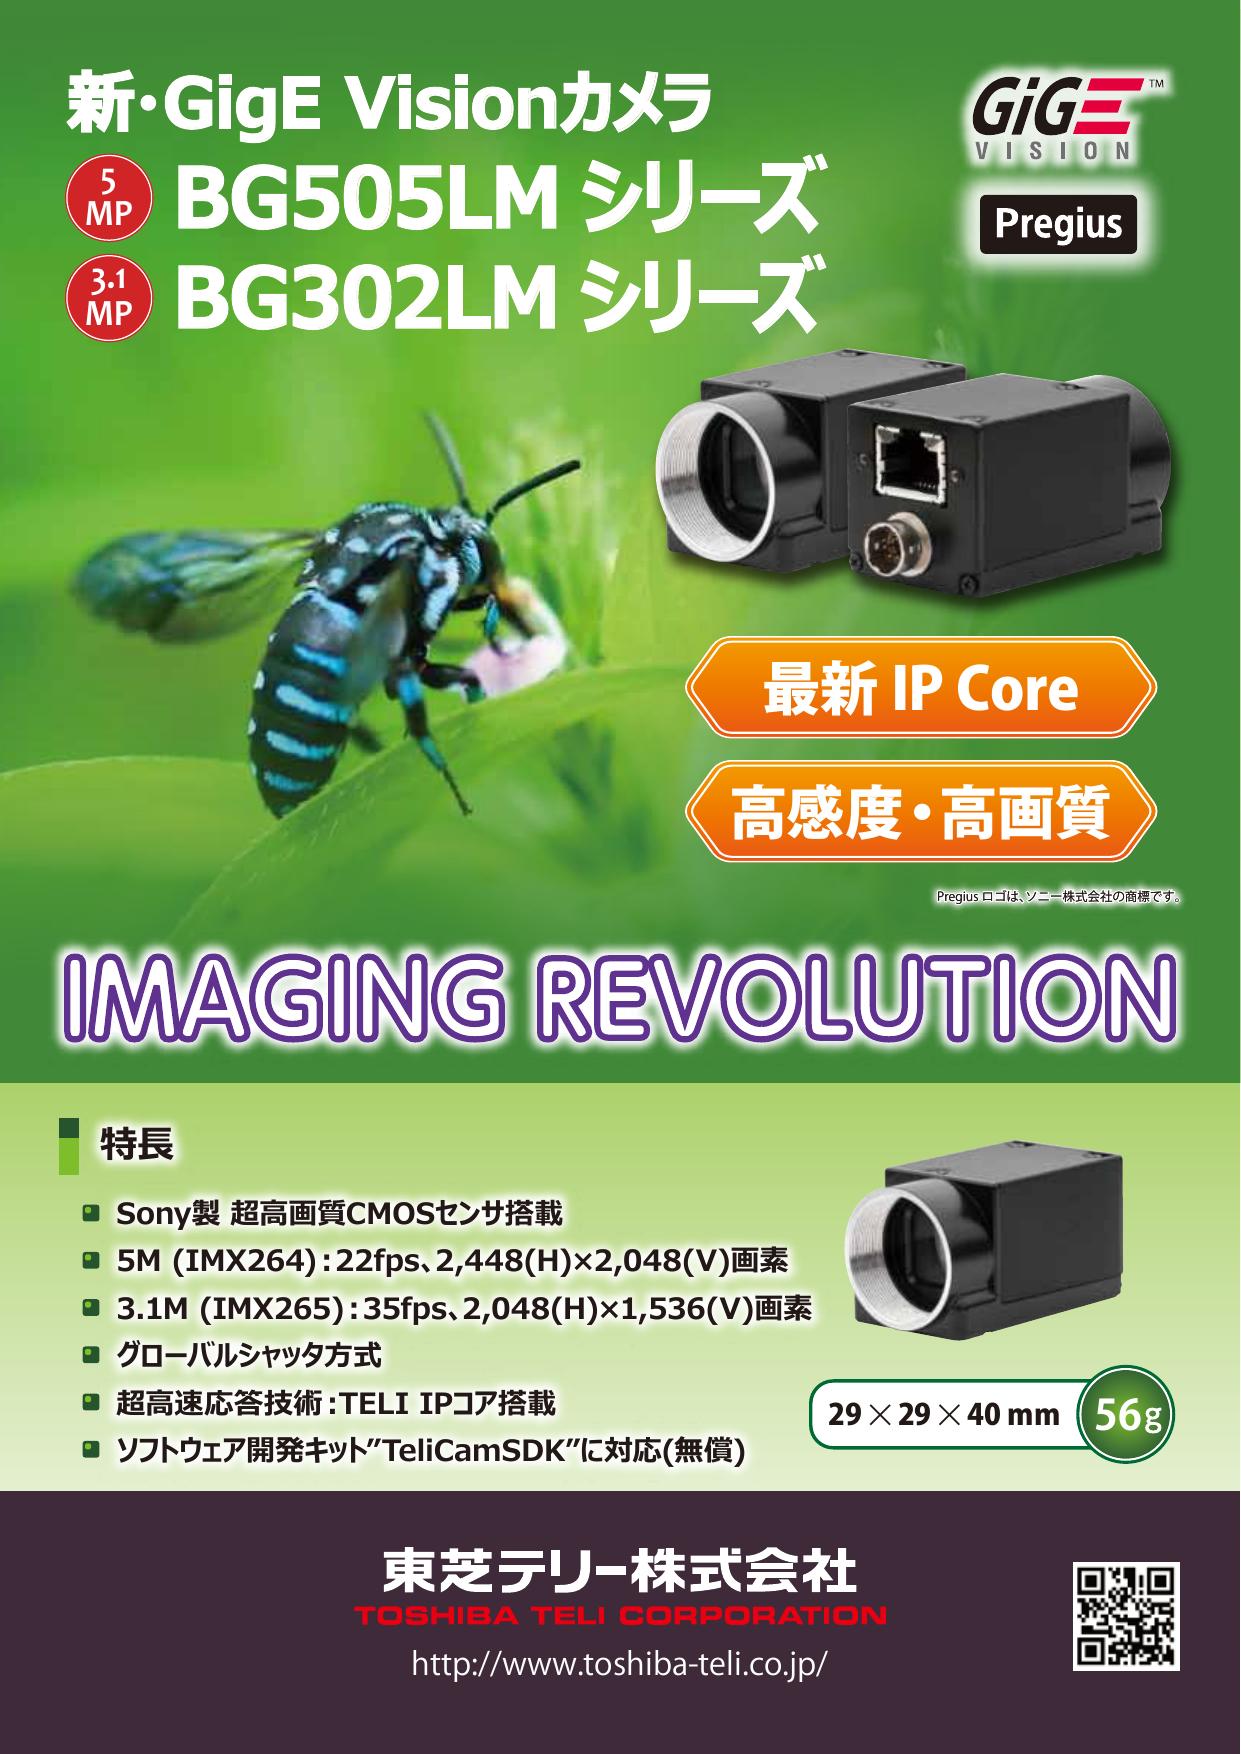 新GigE Visionカメラ